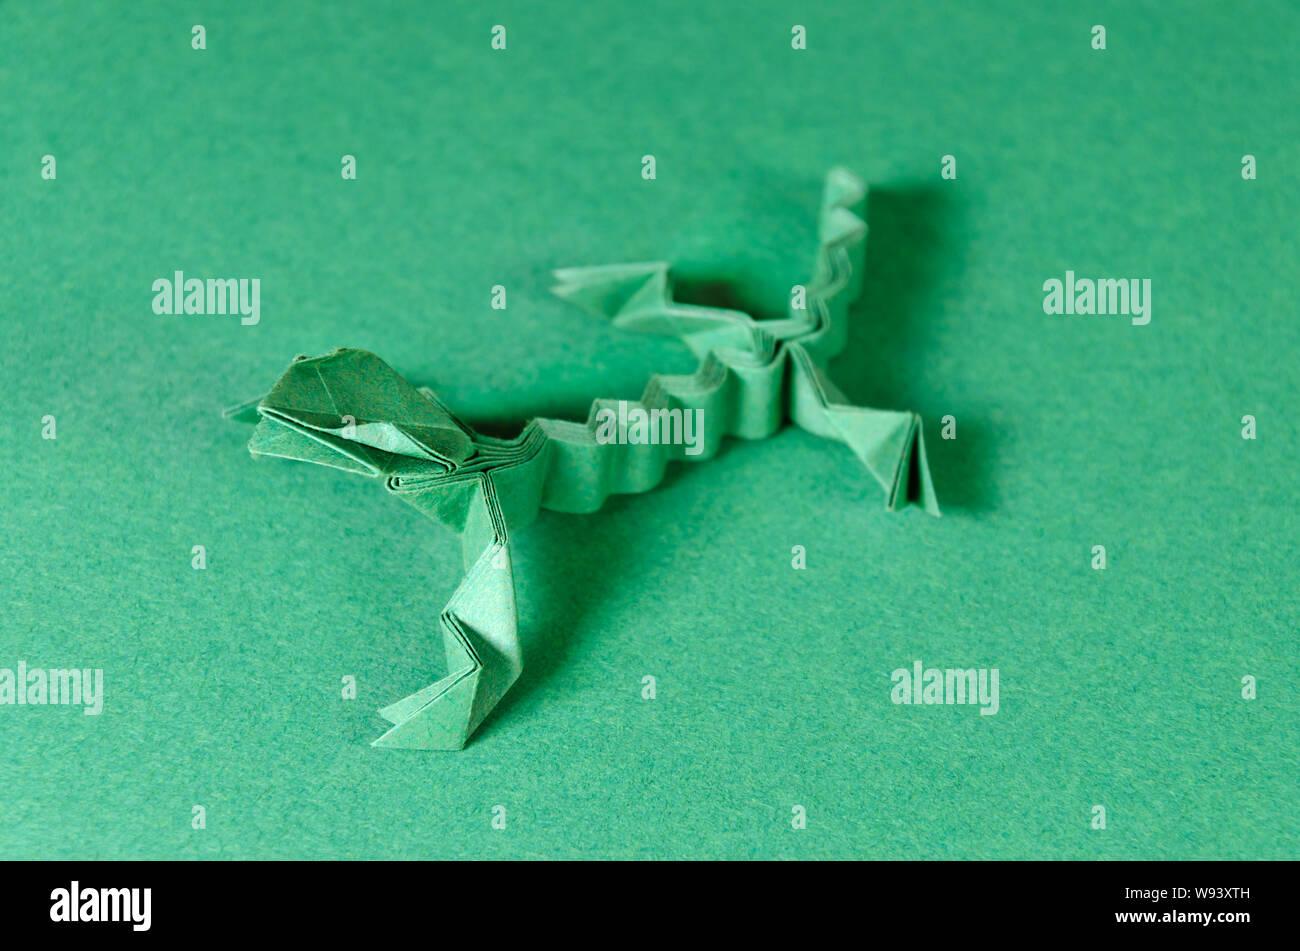 Origami Eidechse Grun Auf Grunem Hintergrund Japanische Kunst Des Papierfaltens Flache Quadratische Blatt Papier In Eine Fertige Skulptur Ubertragen Stockfotografie Alamy